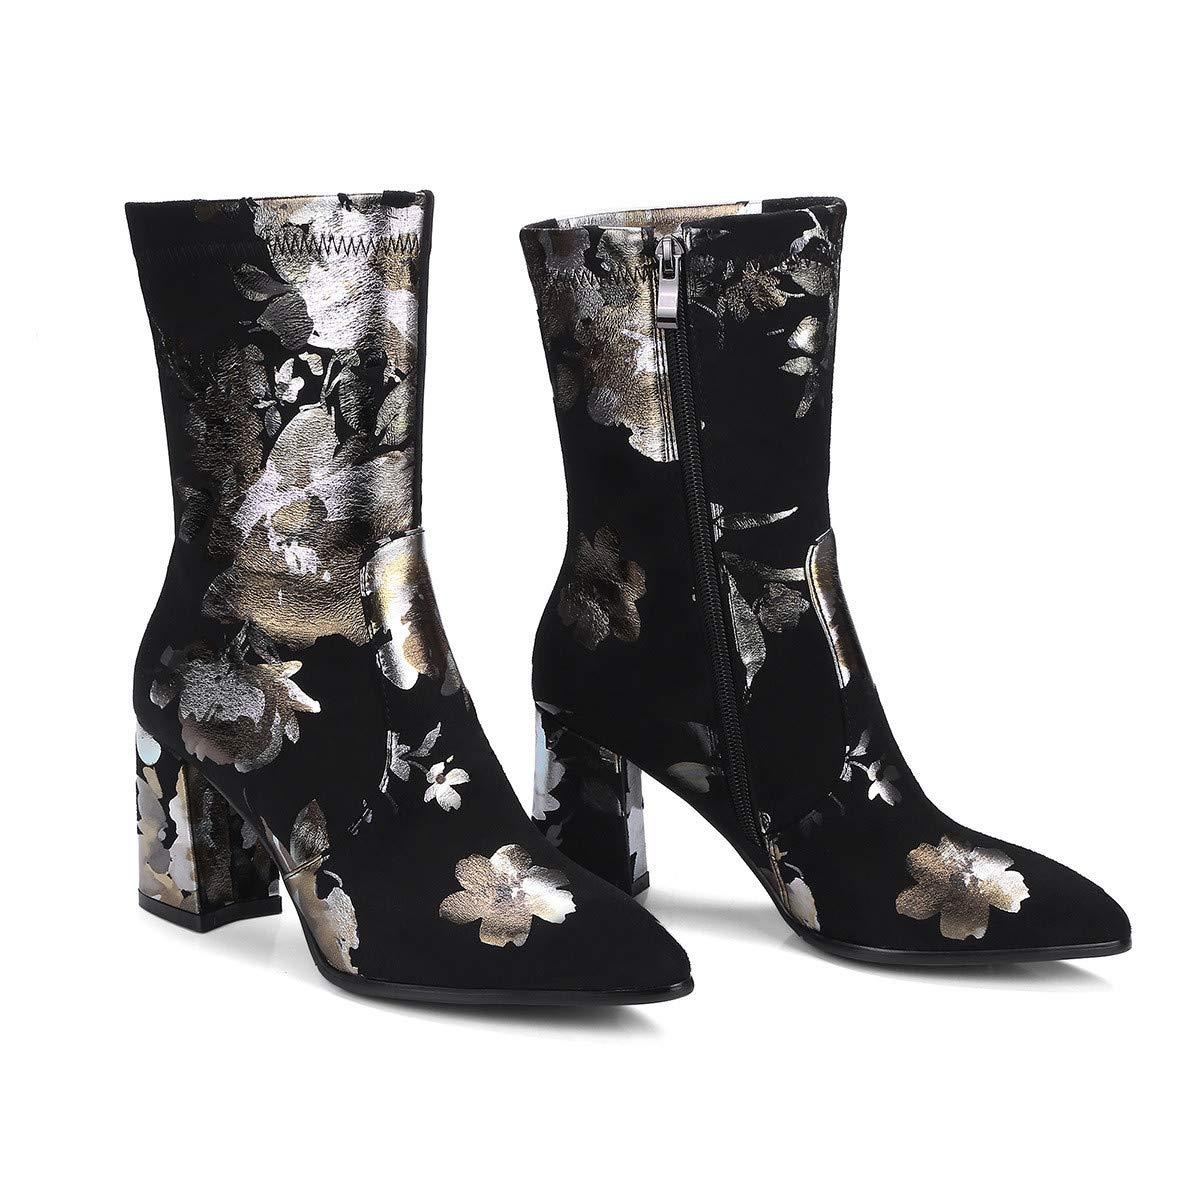 Botas de tacón Alto de tacón Alto de Moda Moda Moda de otoño e Invierno, Botas de Mujer, Negras, 34 2cdf69